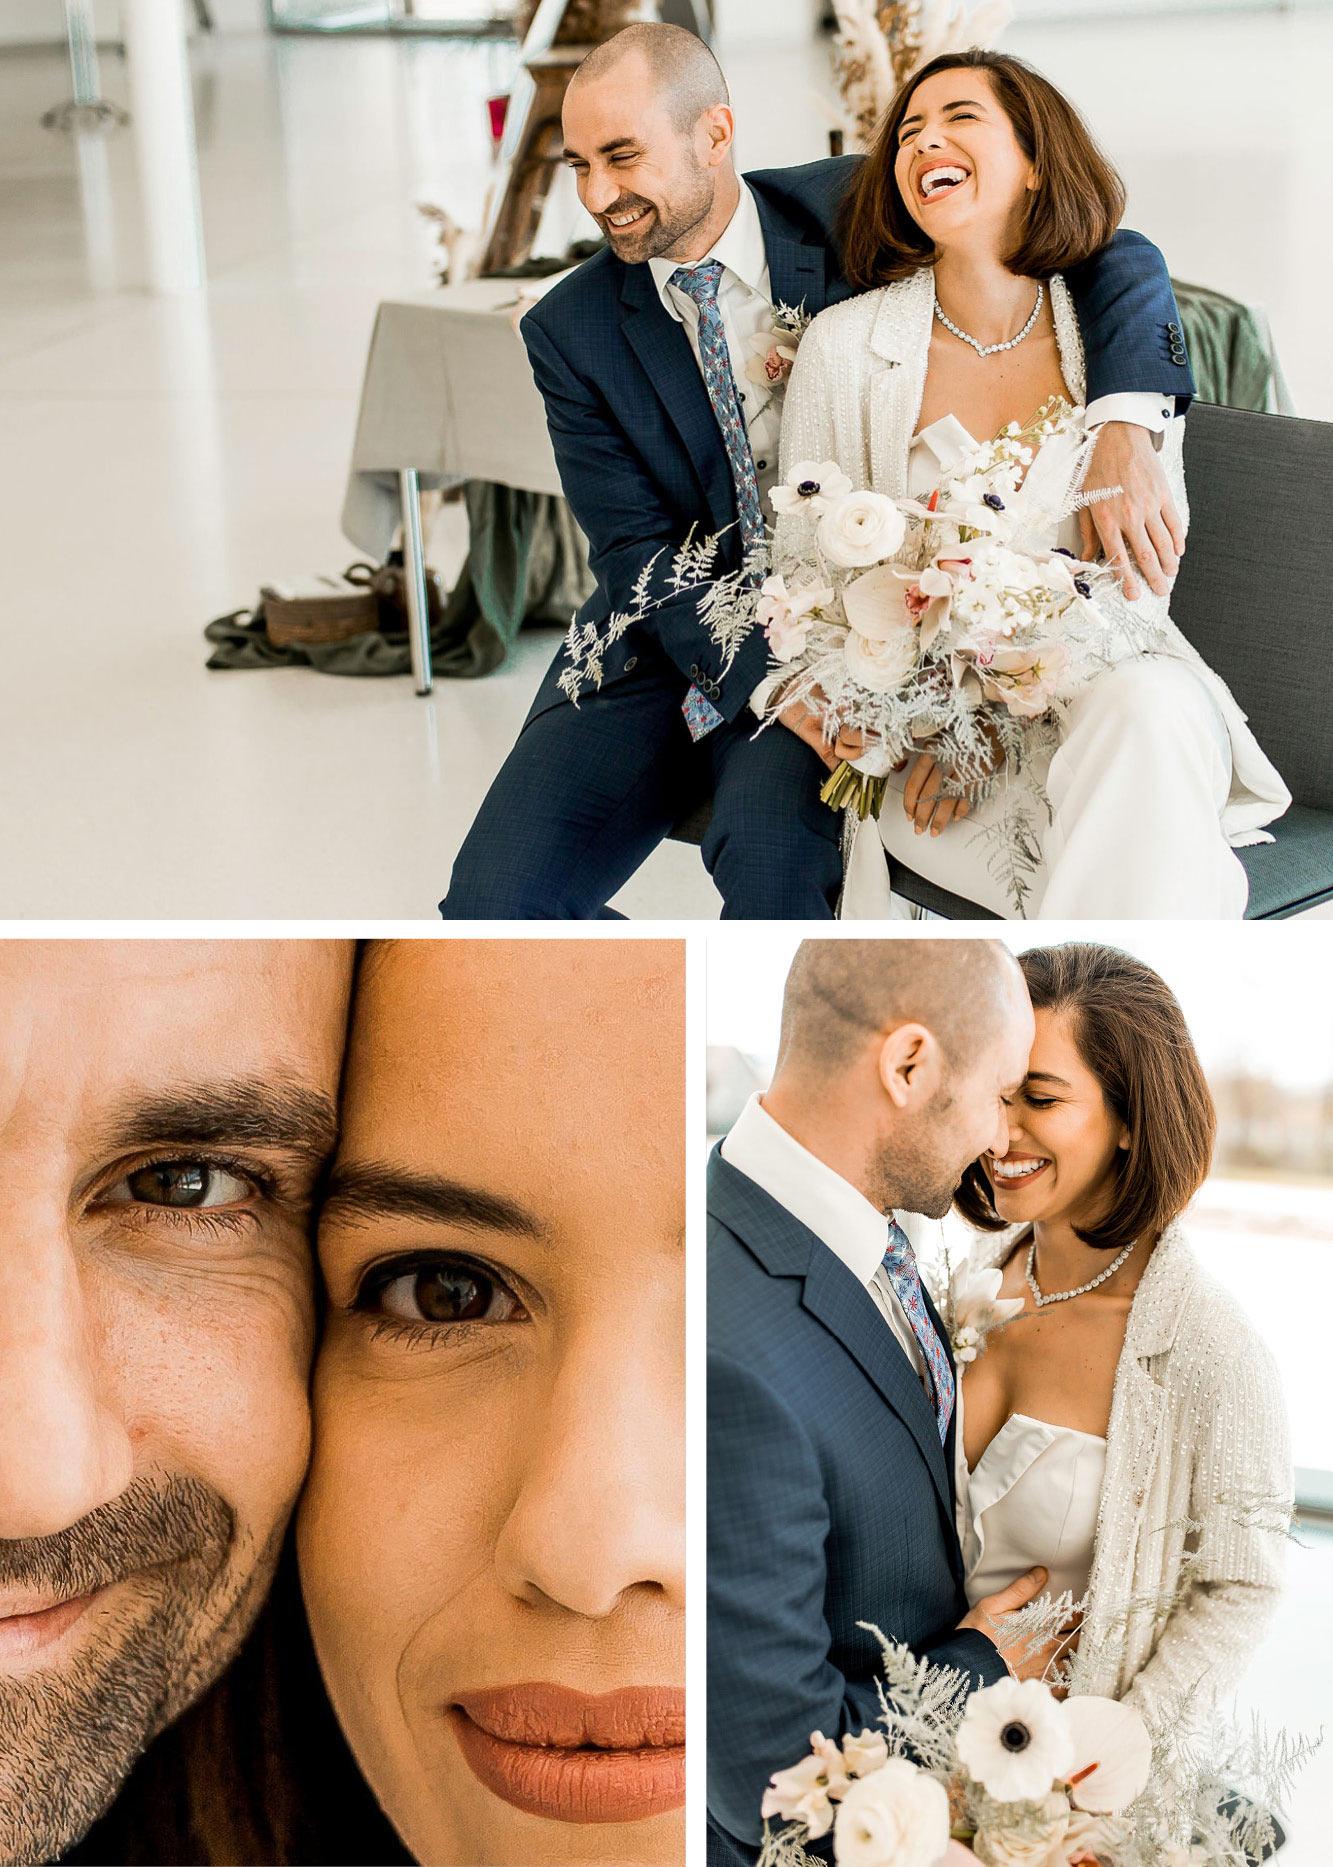 Hochzeitspaar sitzt zusammen, Collage mit unterschiedlichen Perspektinve